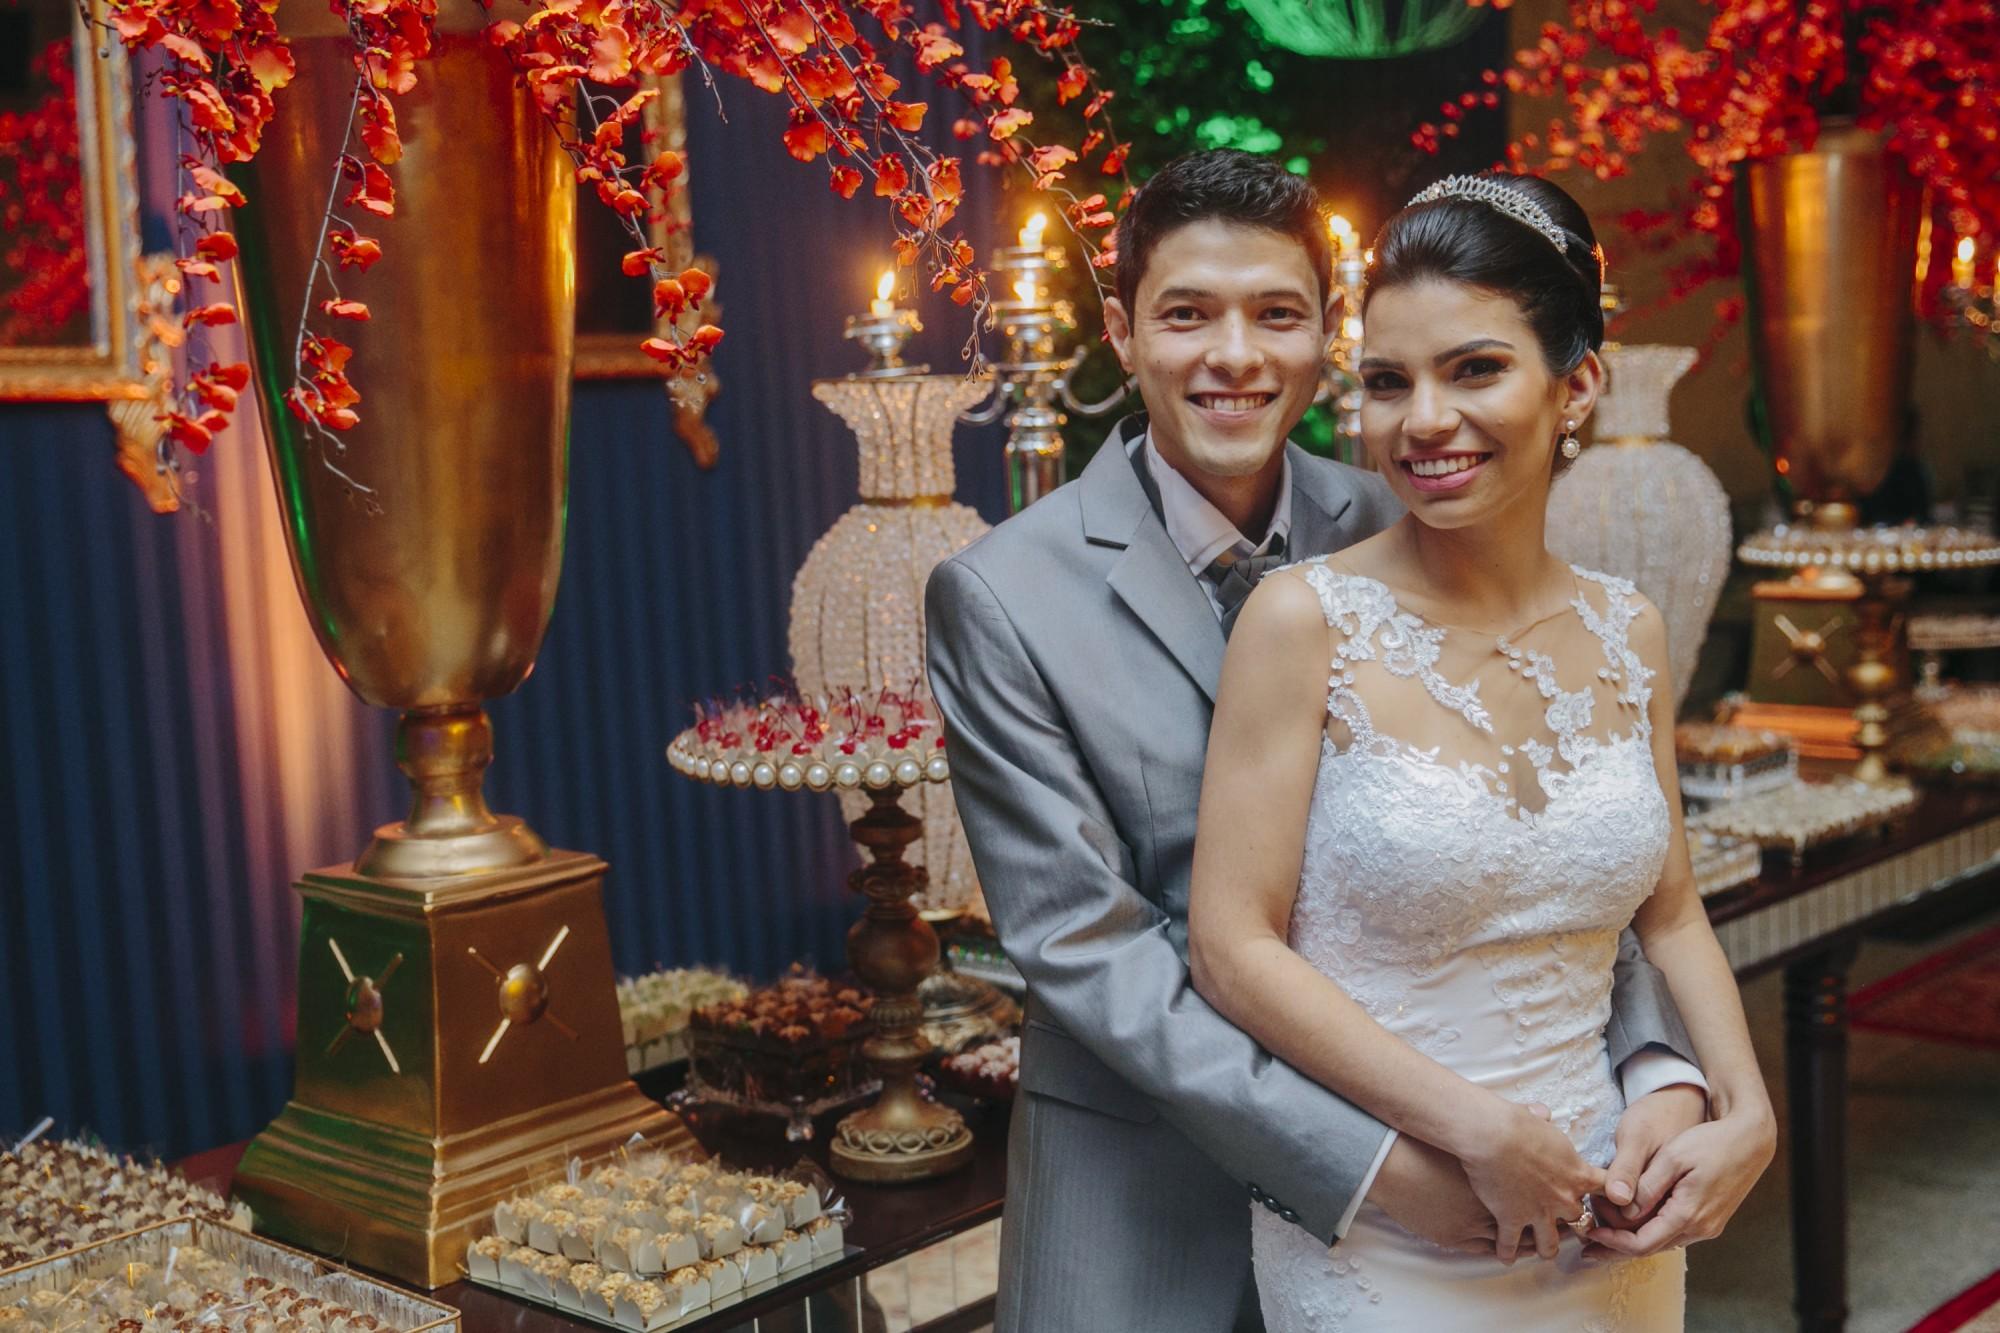 Casamento Camila Rampim e Rafael em Terra Roxa - Paraná - por Lorran Souza e Léia Sotile - fotografos de casamentos - 60